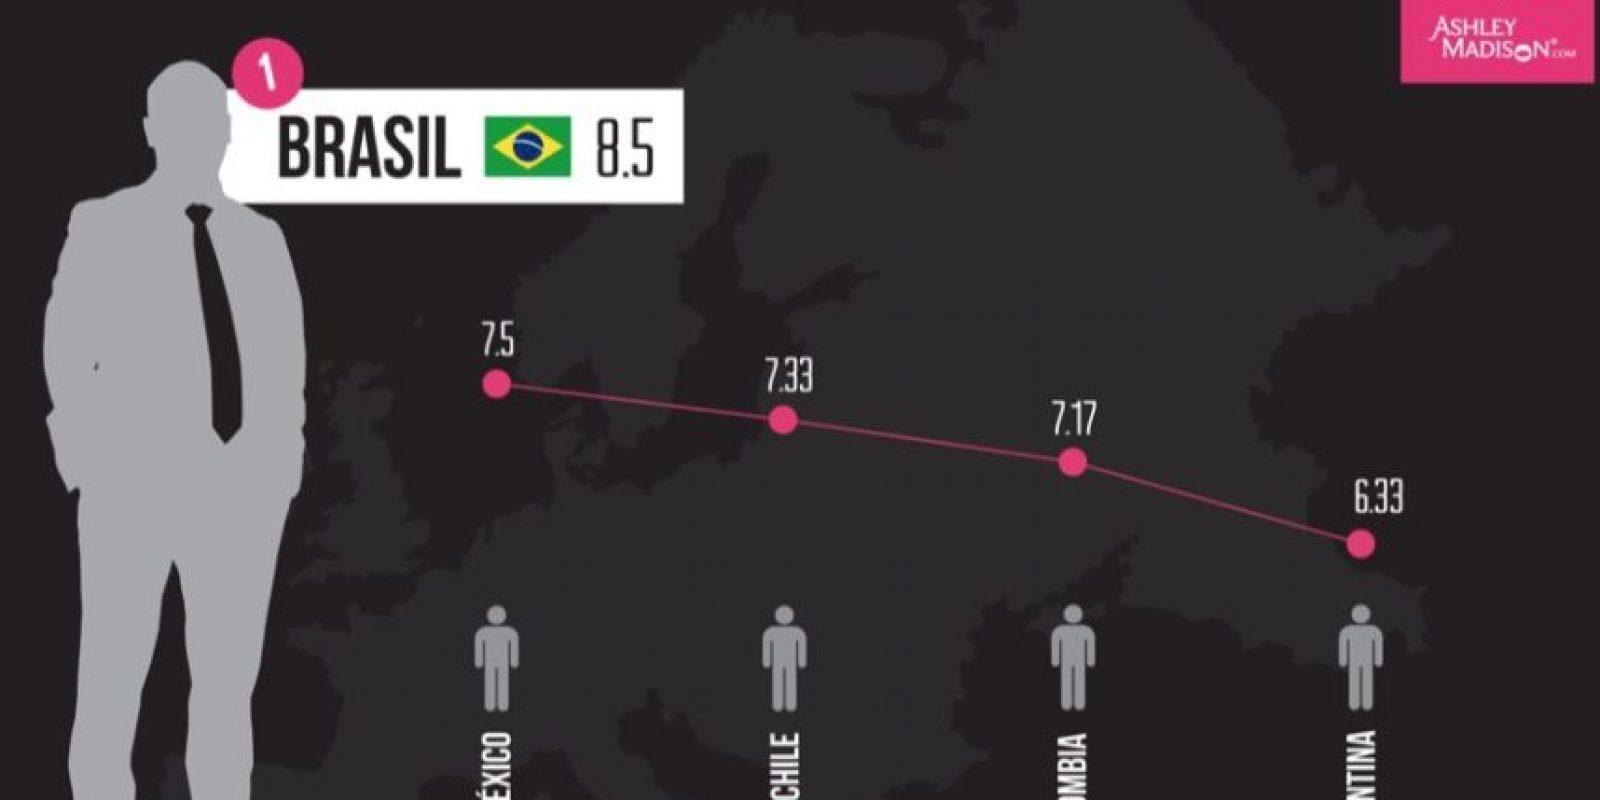 AshleyMadison.com reveló cuáles son los mejores amantes. Los brasileños quedaron en primer lugar. Foto:AshleyMadison.com